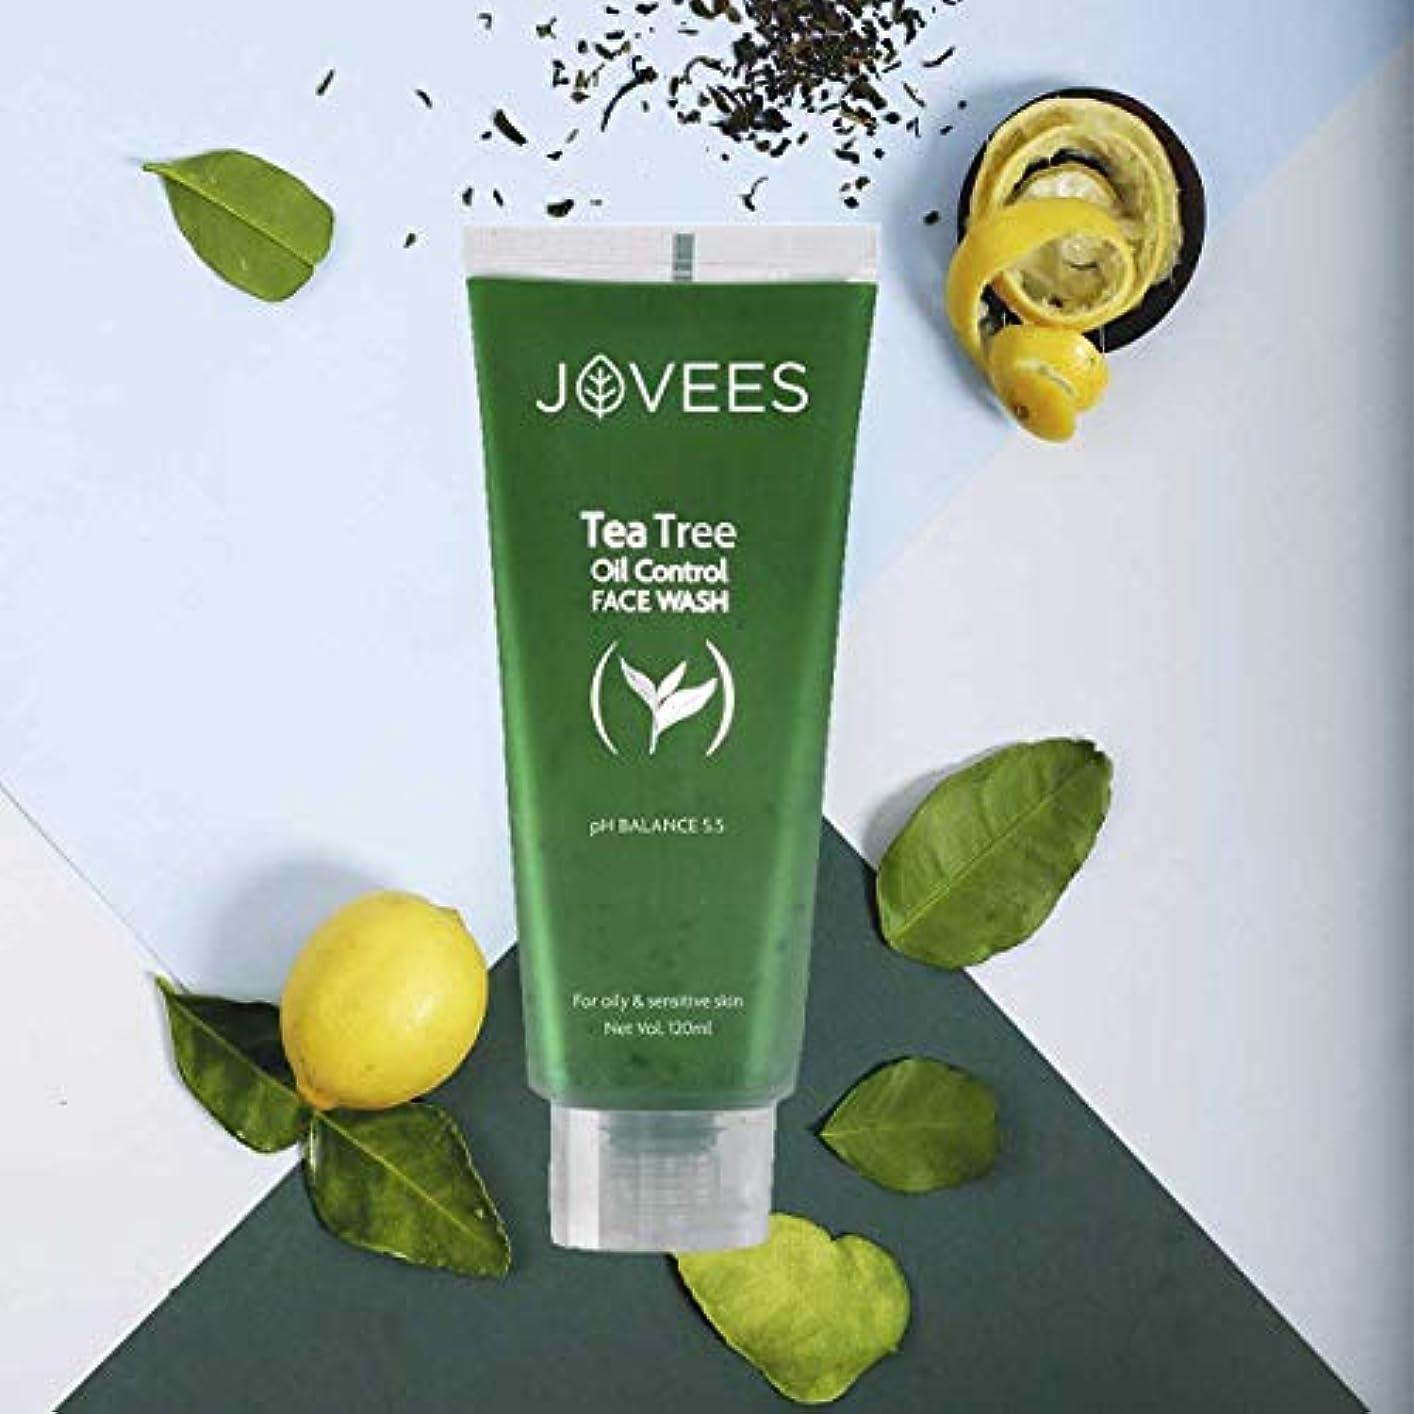 いま音声学いらいらさせるJovees Tea Tree Oil Control Face Wash 120ml Best for oily & sensitive skin control acne ティーツリーオイルコントロールフェイスウォッシュ...